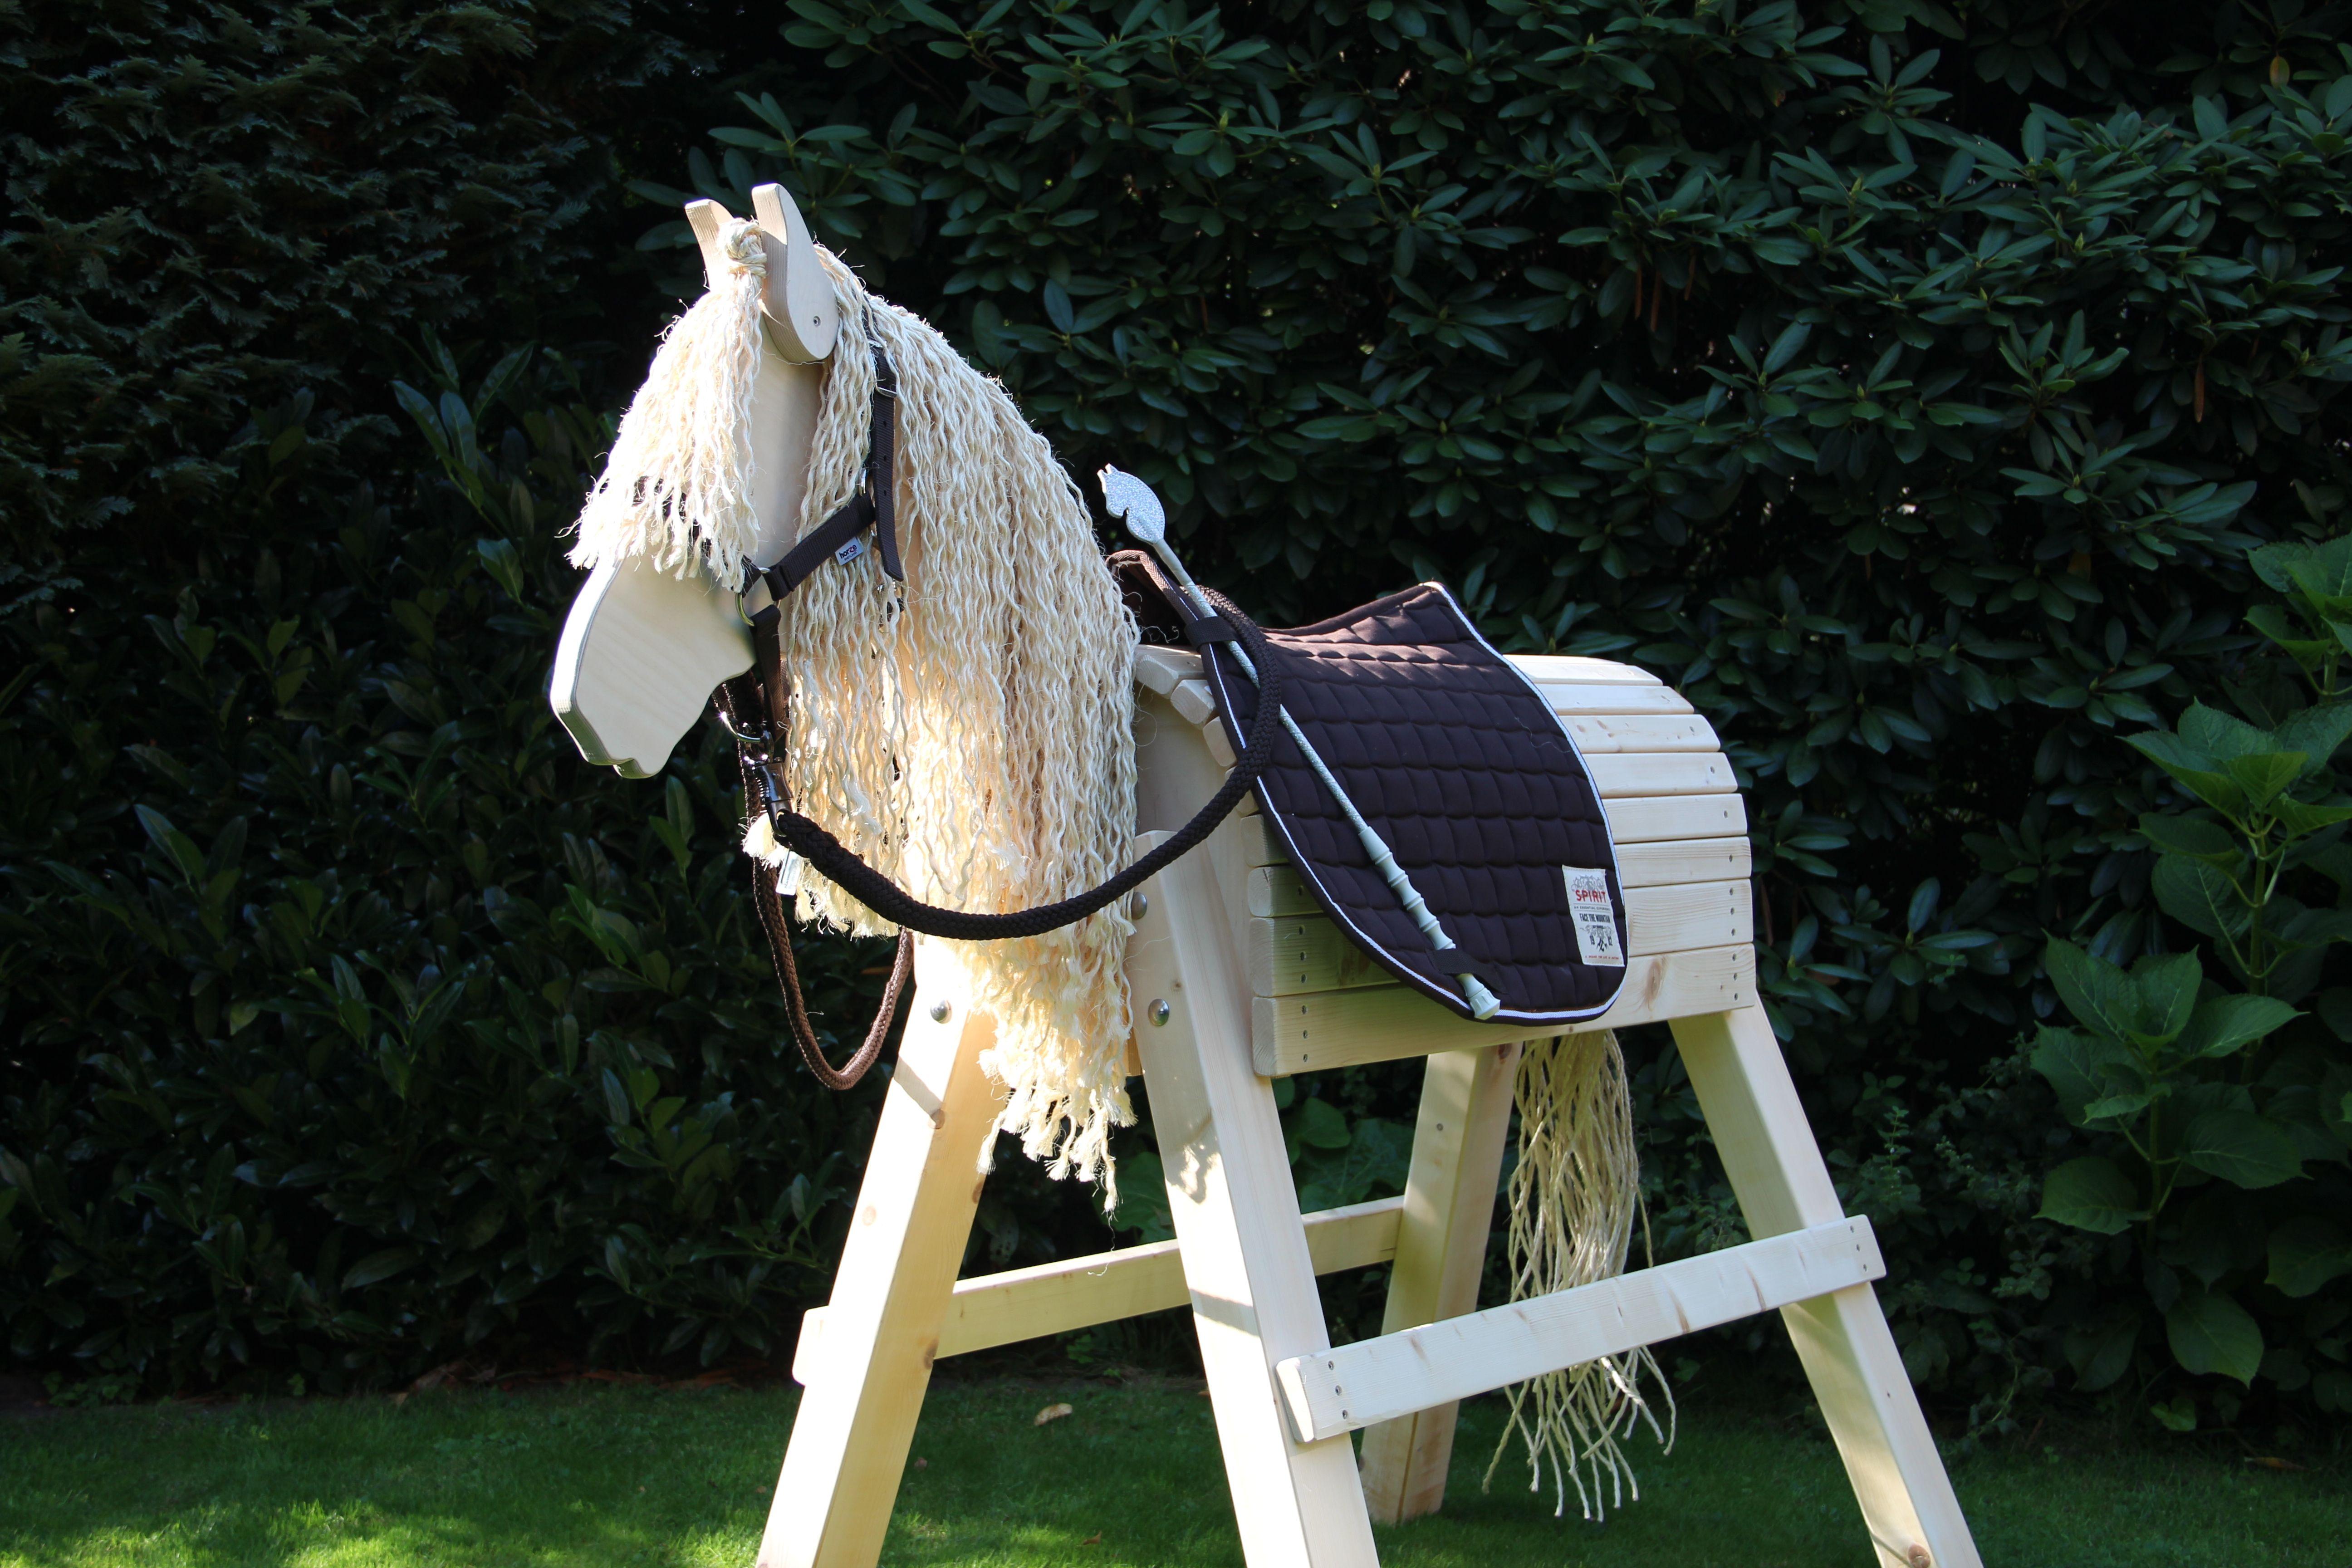 Holzpferd Princess Das Schonste Im Norden Unverkennbar Ihr Blonde Zottelmahne Die In Der Sonne Leuchtet Ihre Zwei Bewe Holzpferd Holzpferd Bausatz Pferd